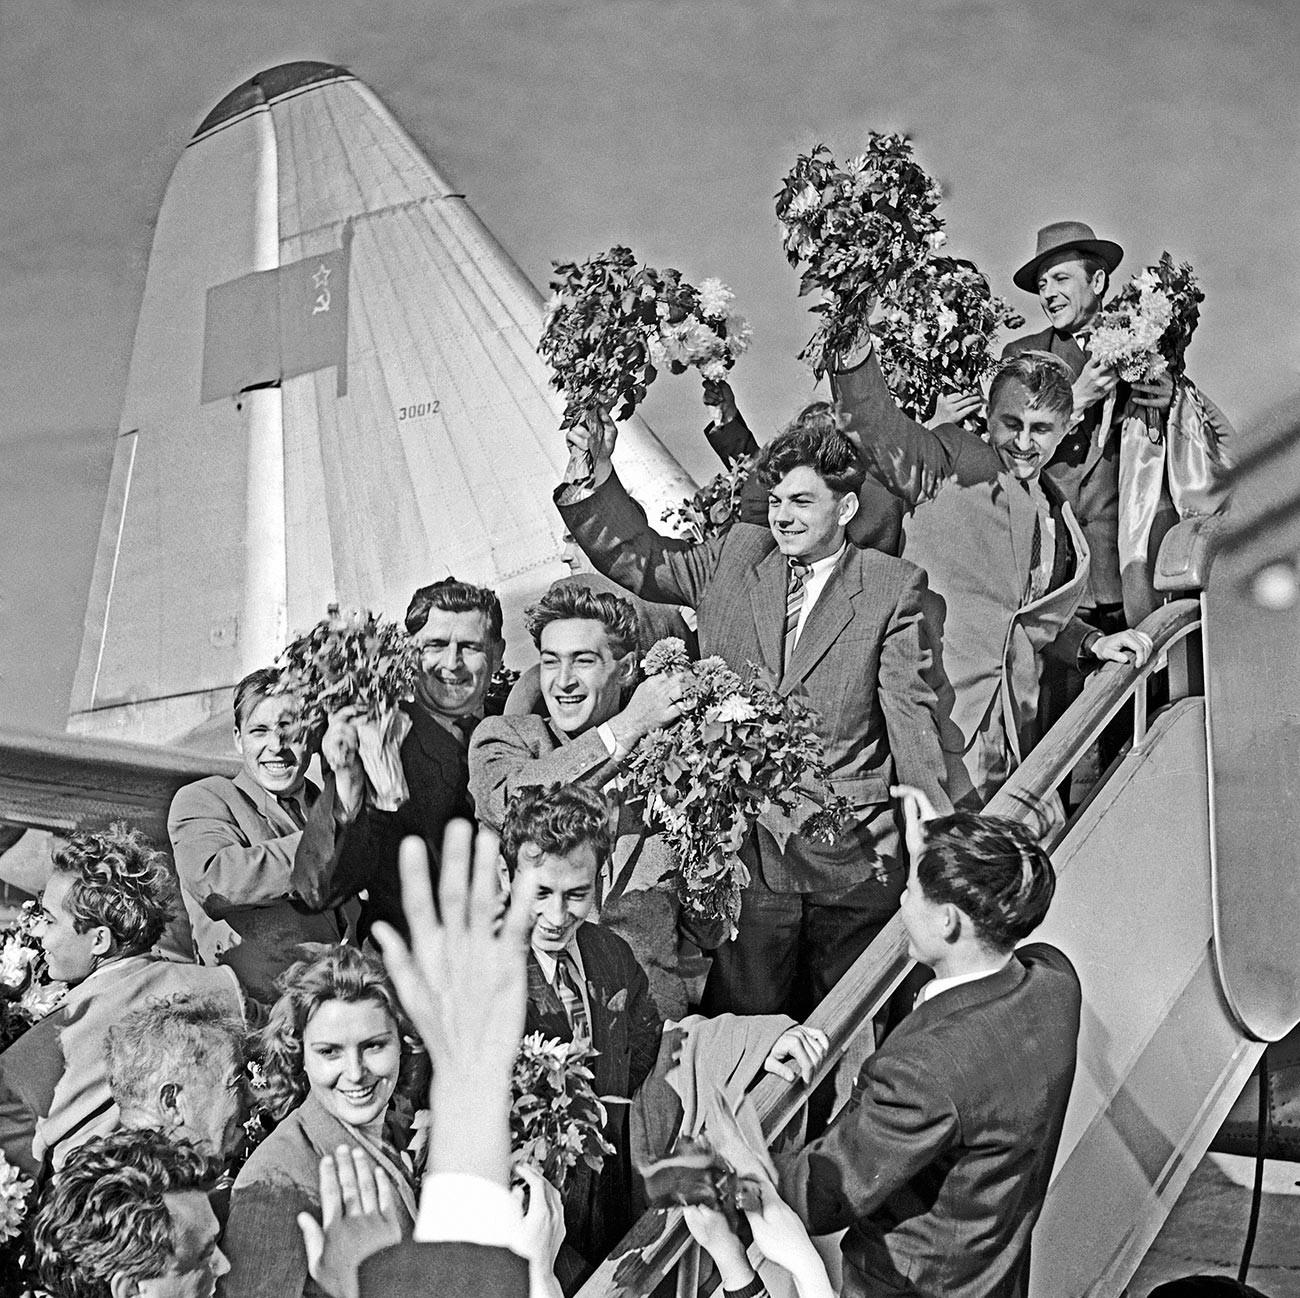 """Ein Standbild aus dem sowjetischen Film  """"A.U. — Außerordentlicher Unfall"""", basierend auf realen Ereignissen der Gefangennahme des sowjetischen Tankers """"Tuapse""""."""